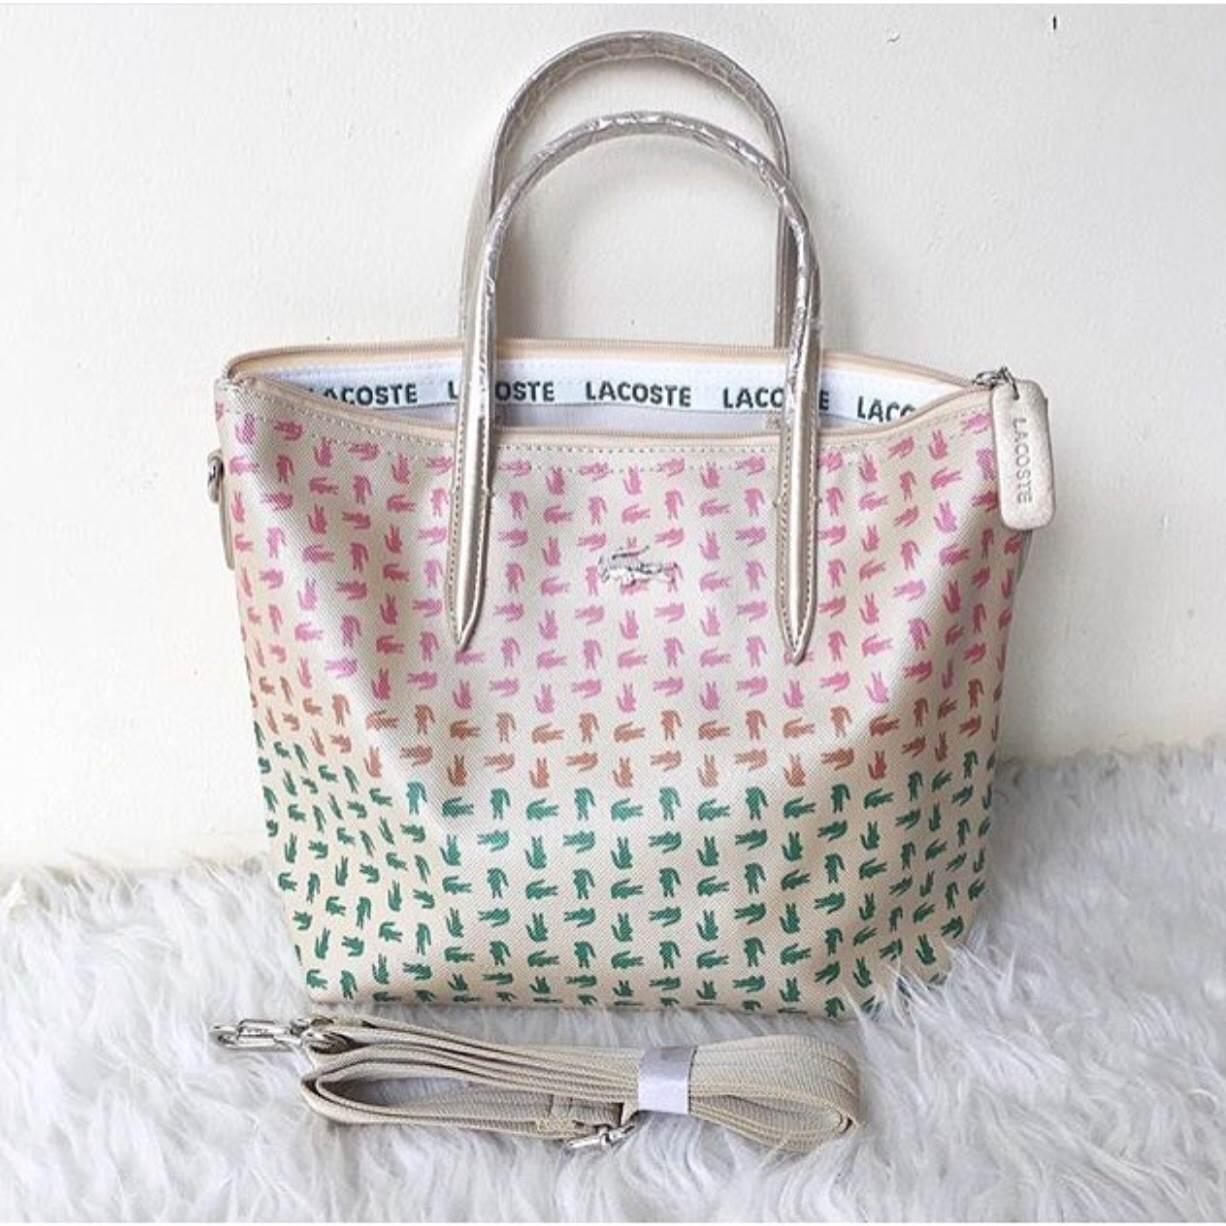 Tas Tote Bag Wanita Terbaru Lacoste Zip Basic Special Colours Supplier Murah Import Selempang Batam Lcos Sling Ombre